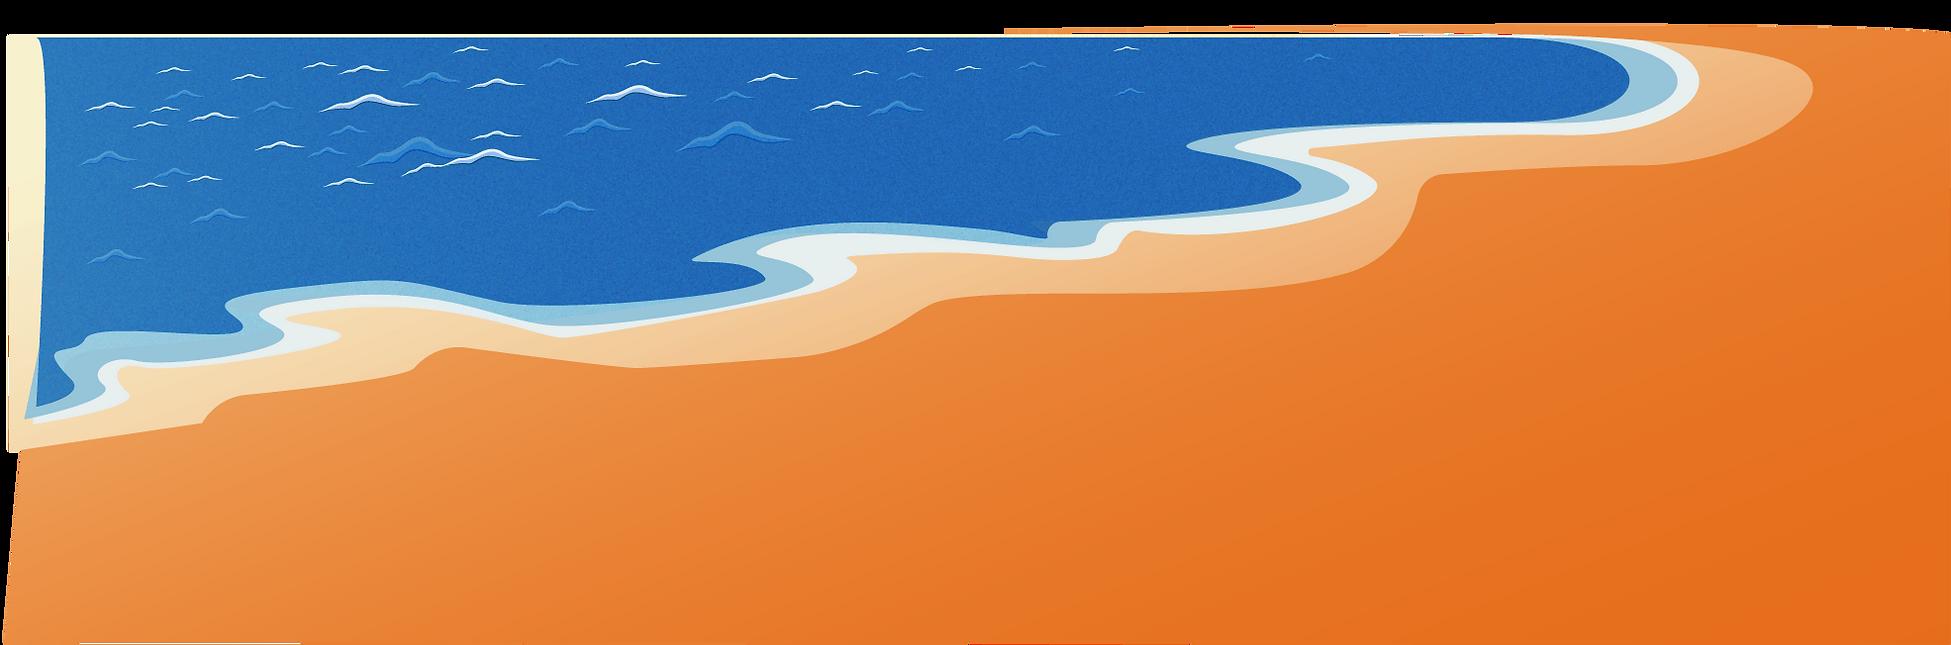 beachSea.png